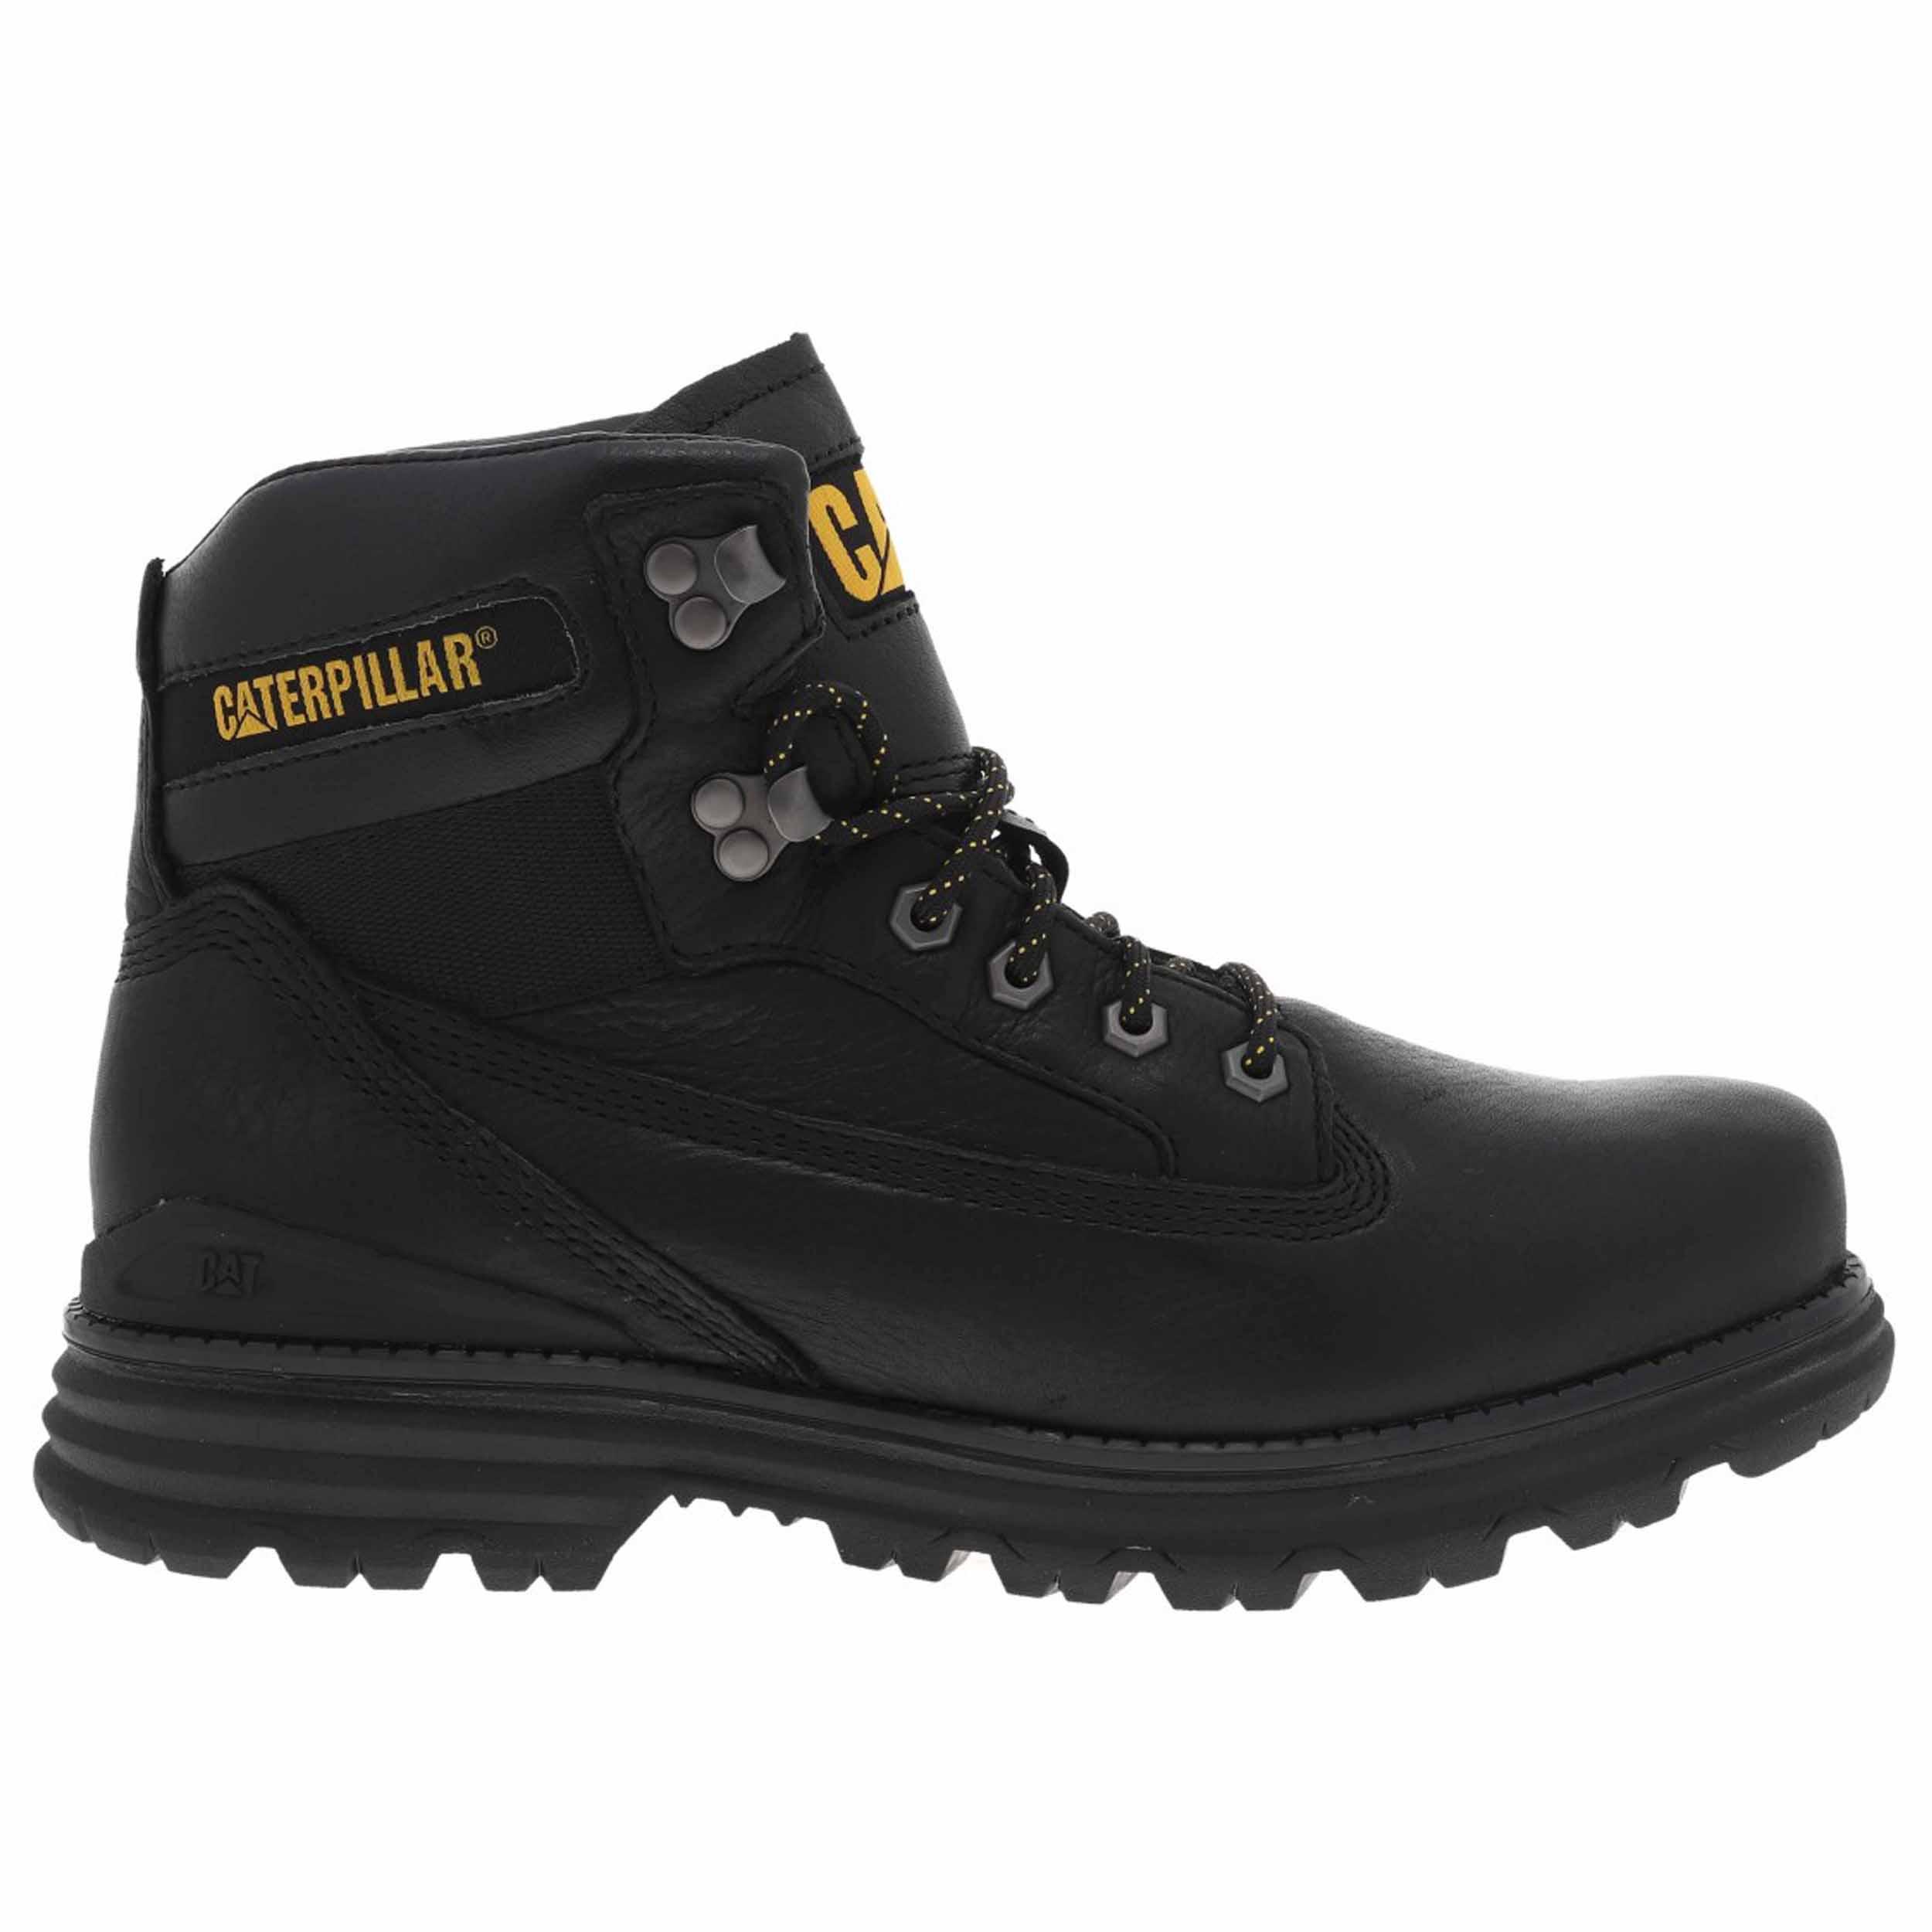 Chaussures montantes Caterpillar Baseplate en cuir noir. - Cuir- Montantes- Coque dur au bout des chaussures - Doublure en toile noire